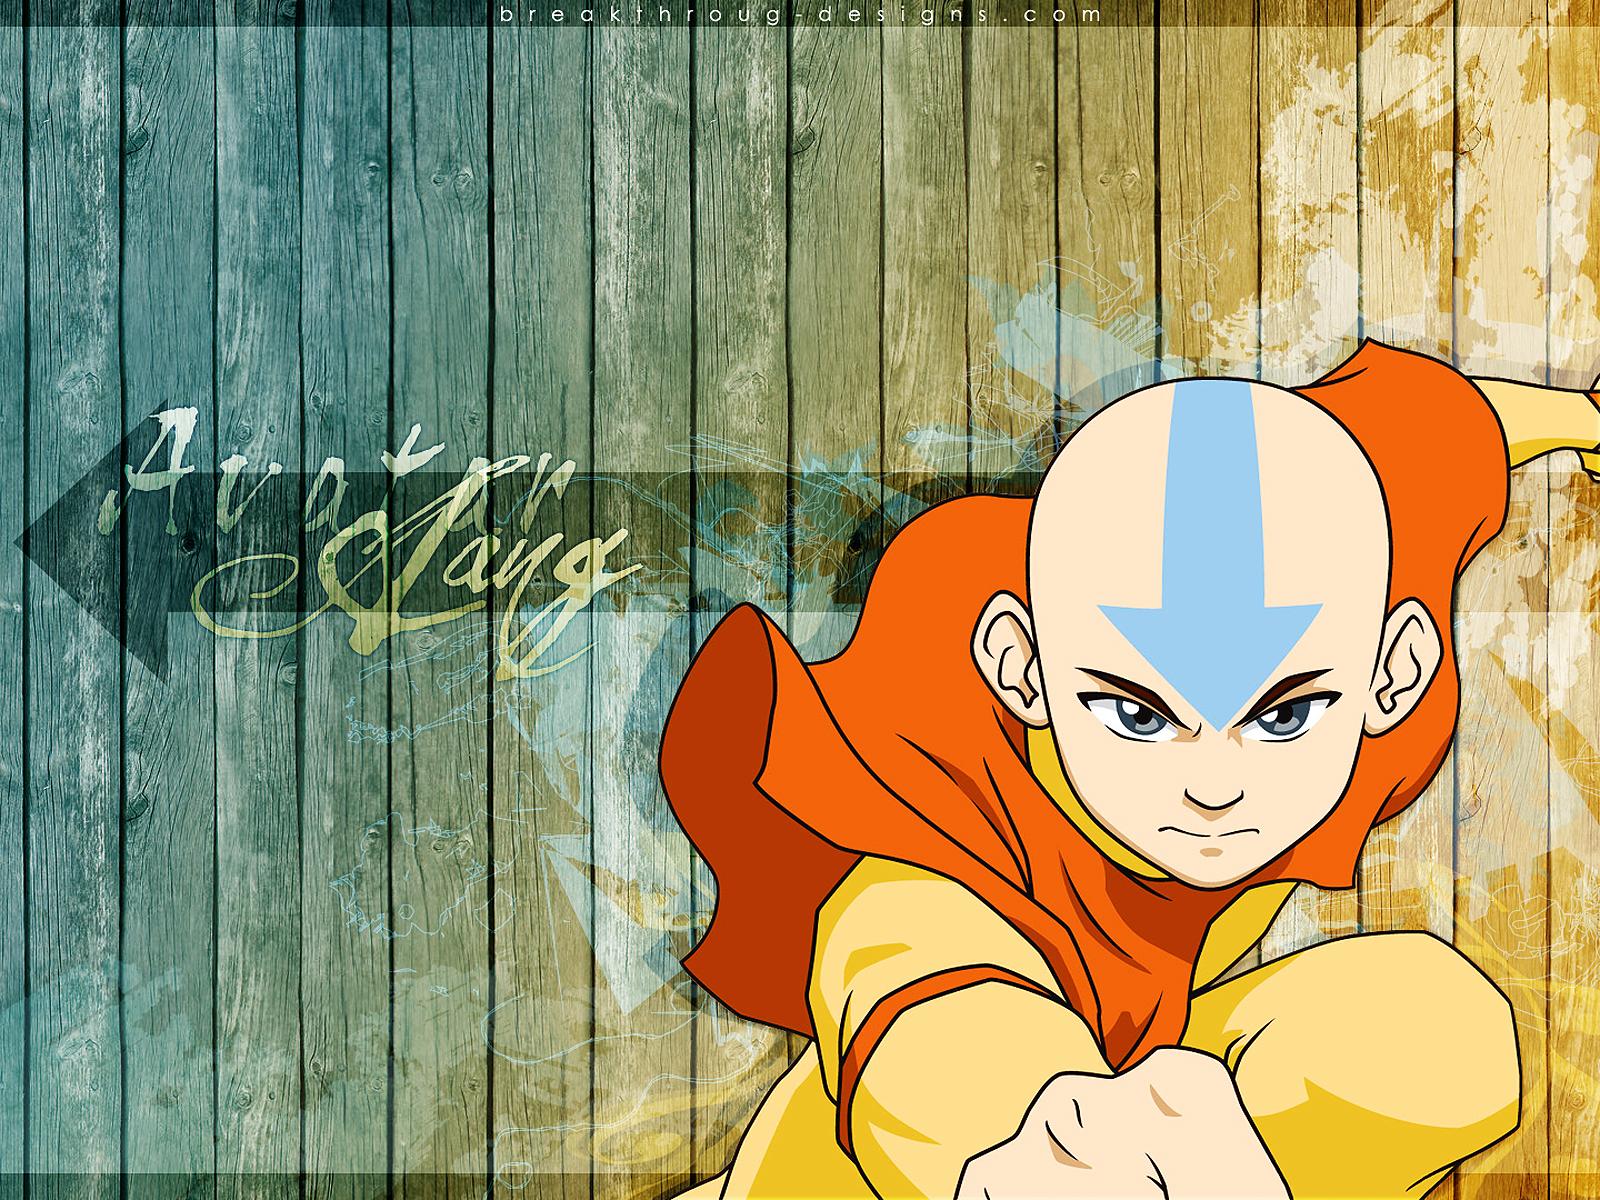 Avatar Aang Wallpaper  17 Cool Wallpaper